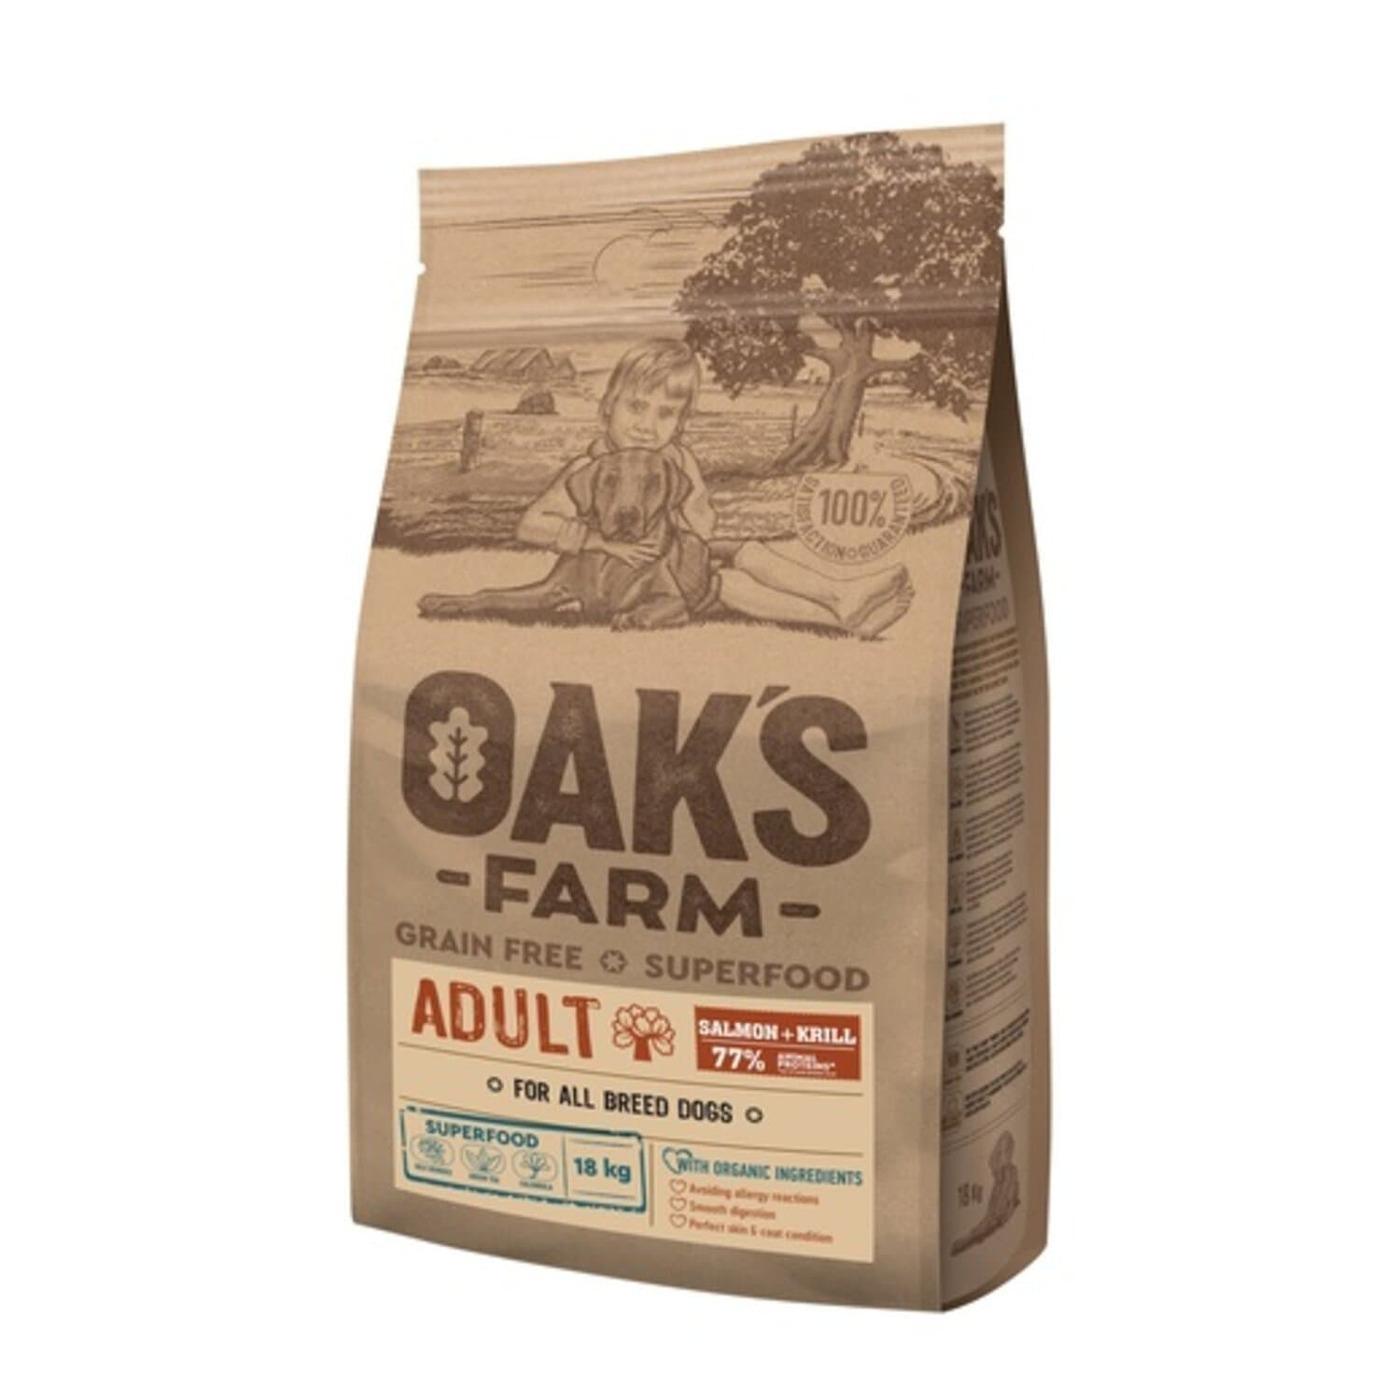 Oaks Farm GF сухой корм для собак всех пород, лосось и криль 18 кг